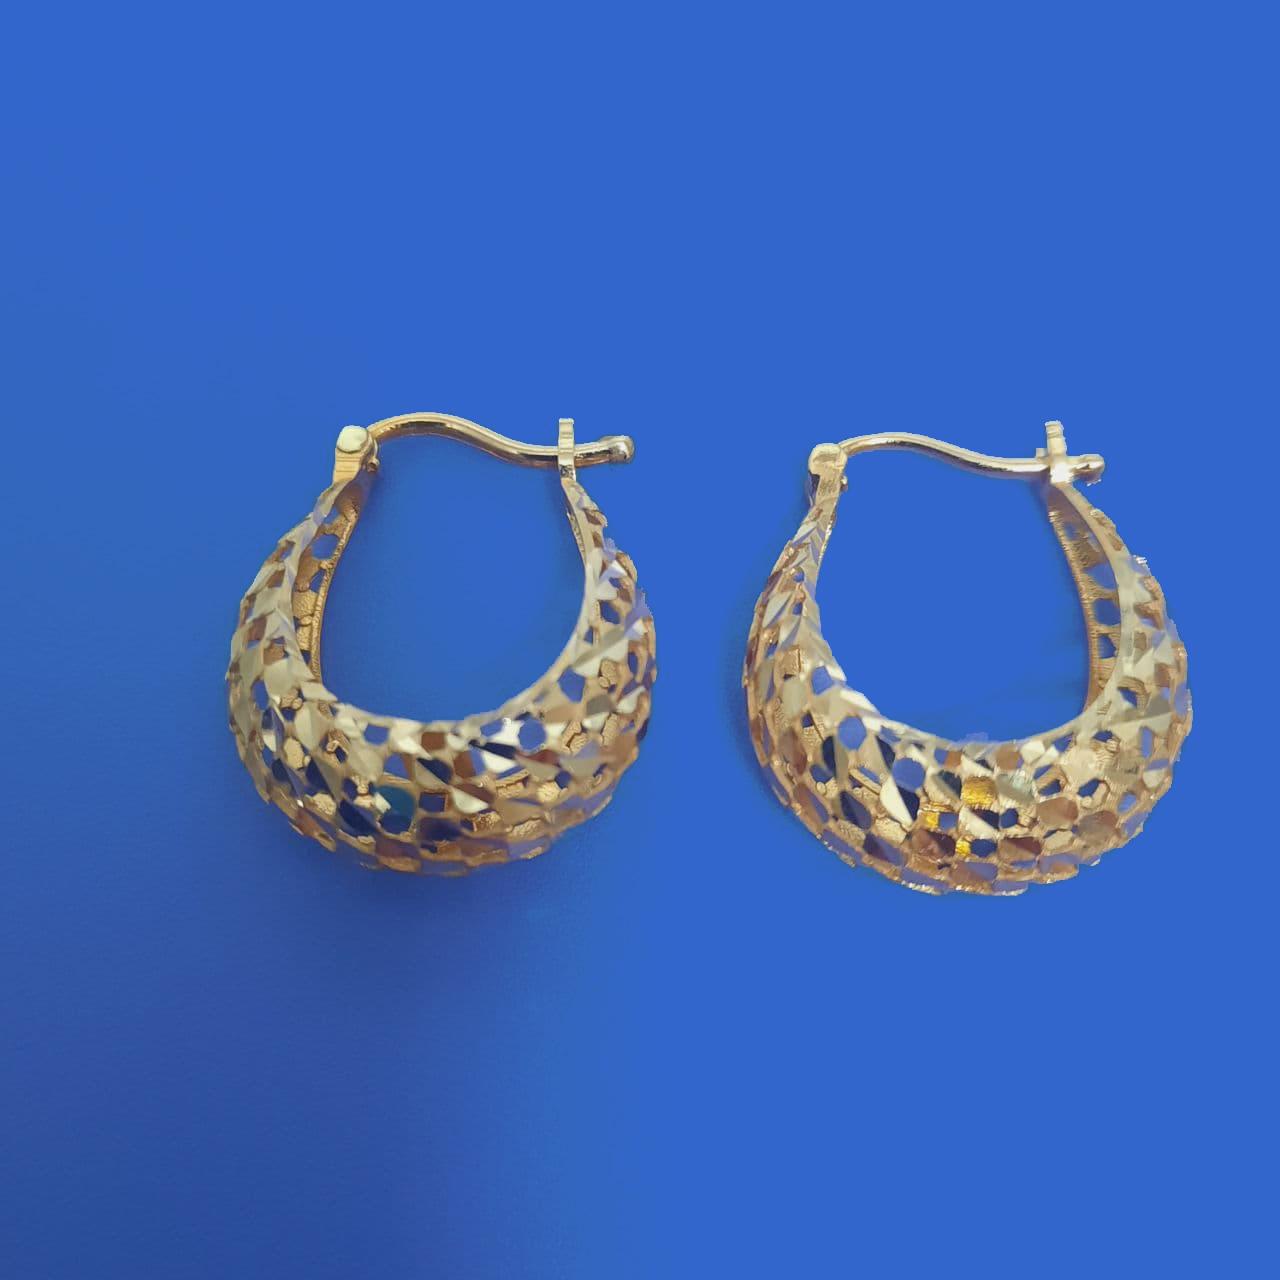 گوشواره طلا 18 عیار زنانهگالری یارطلا کد AGF35